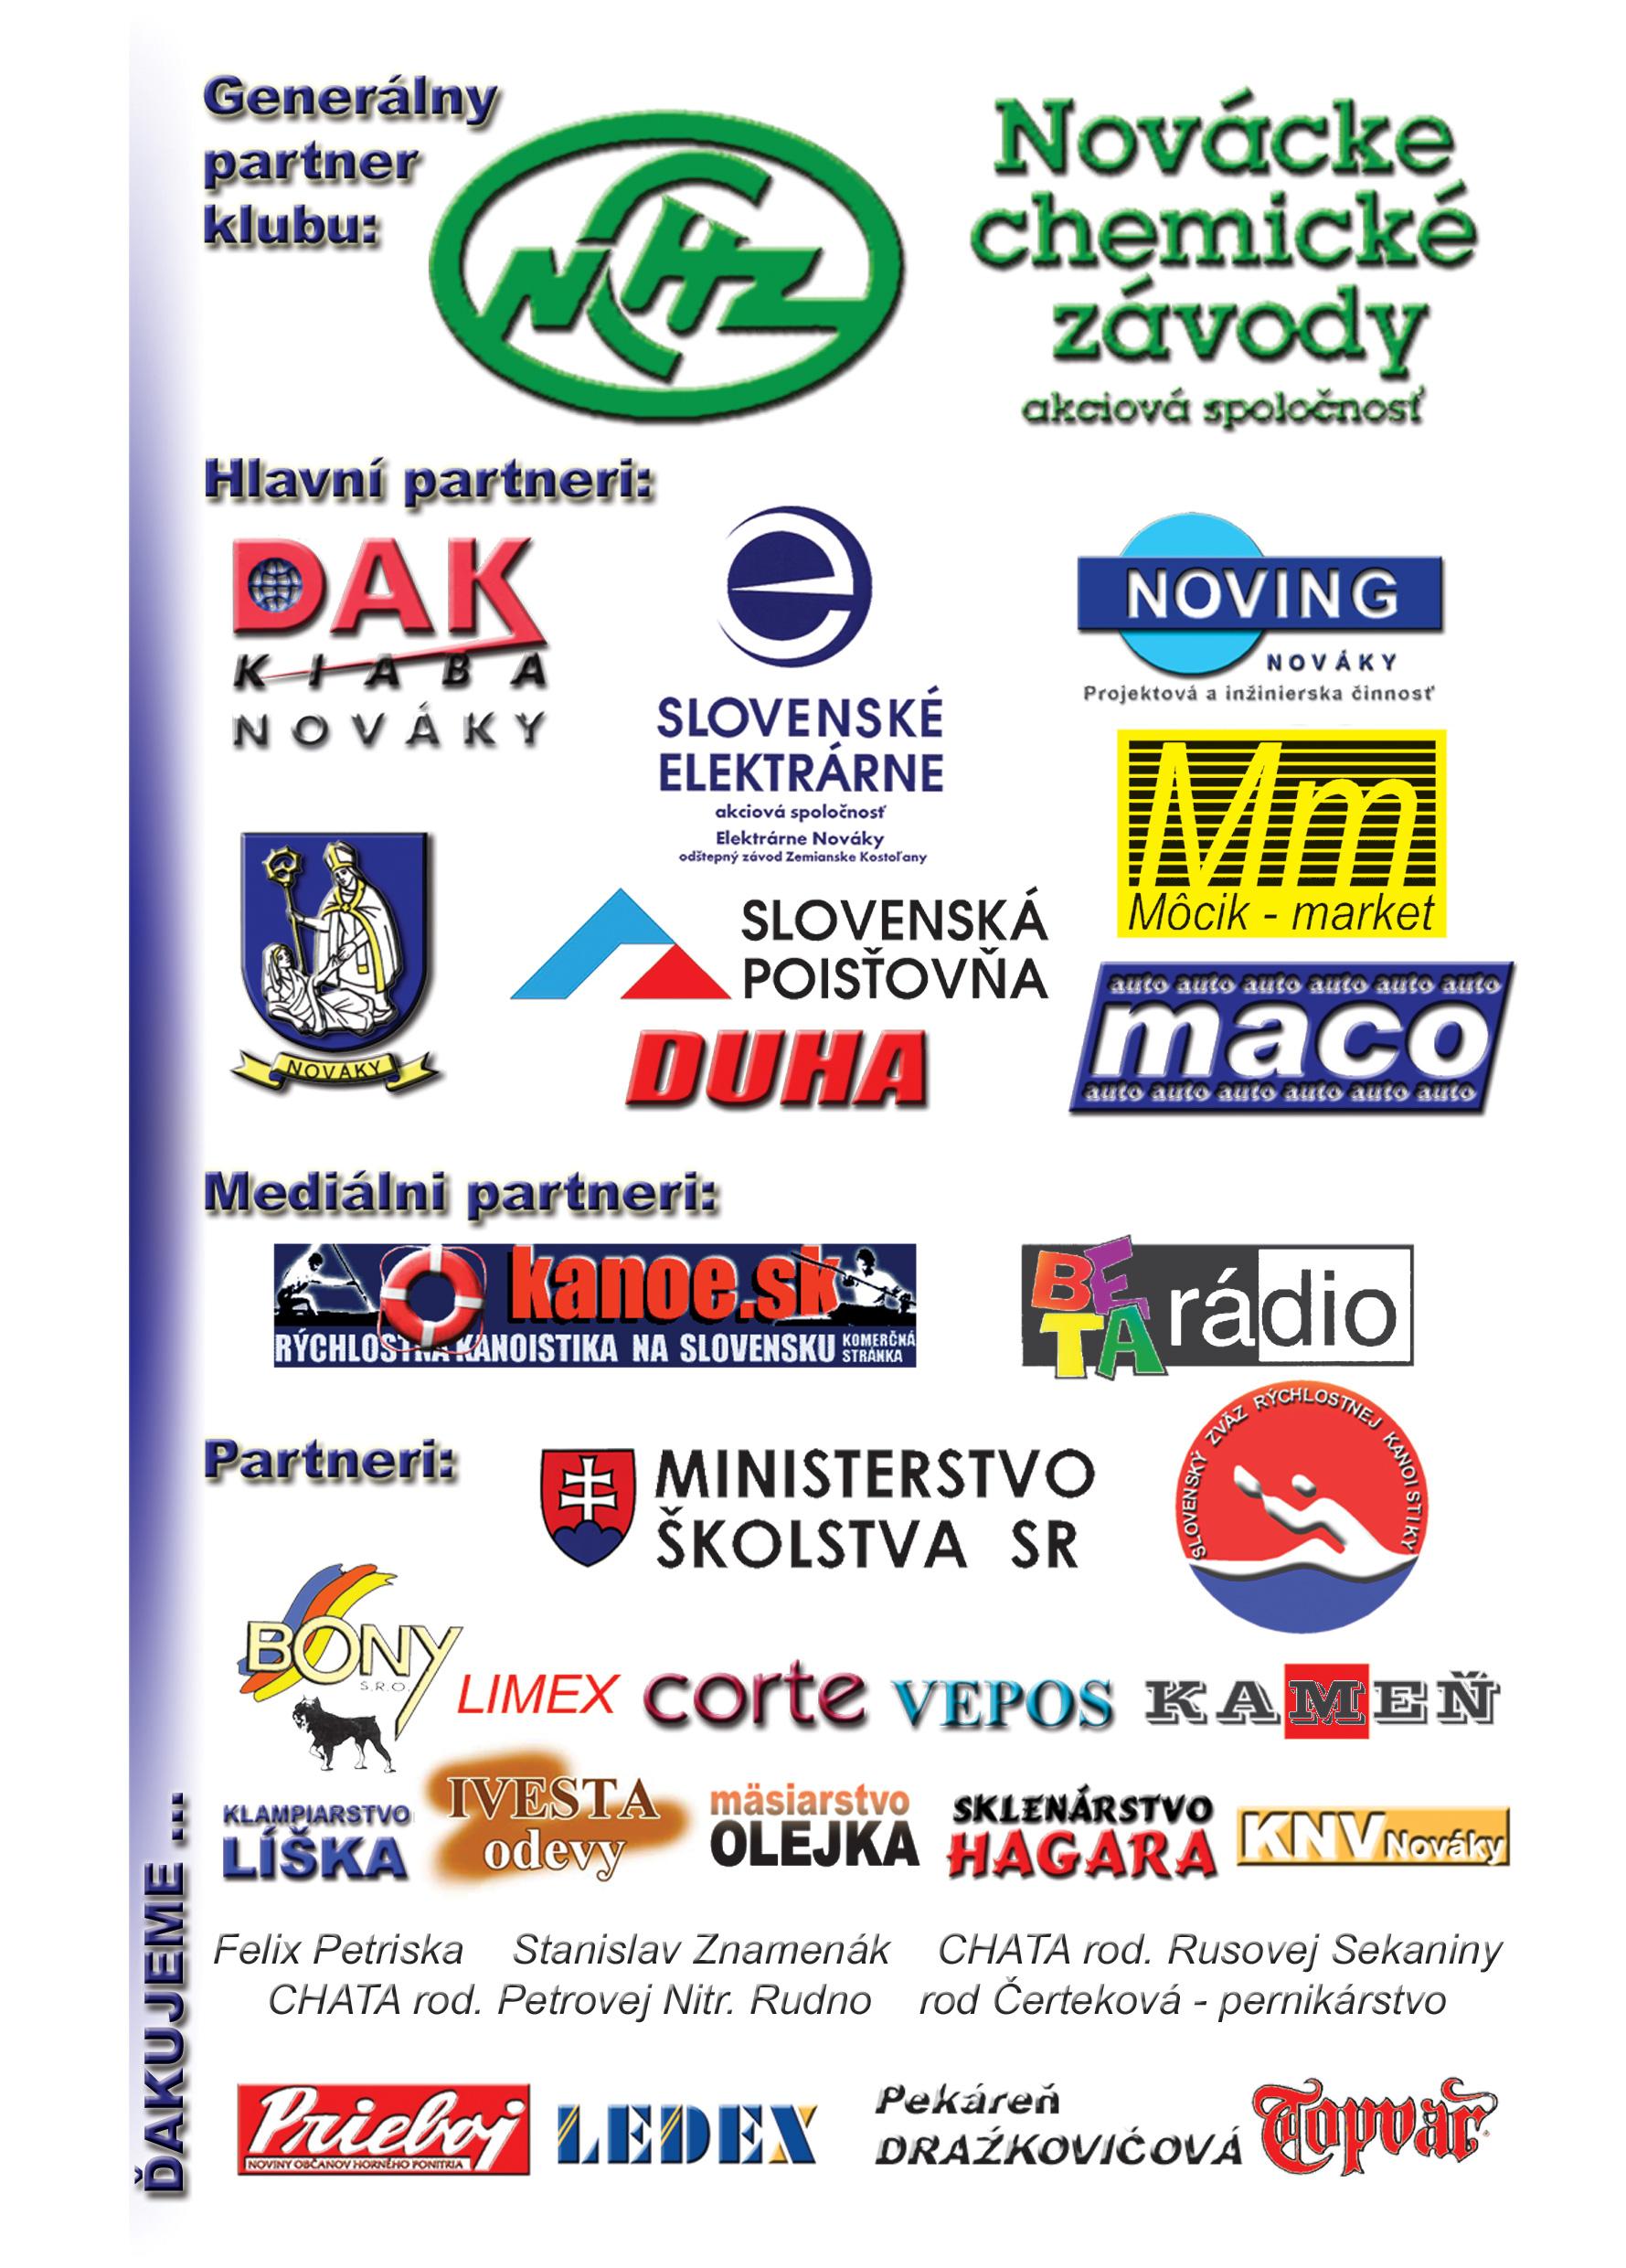 Profil klubu 2002/2003, strana 8